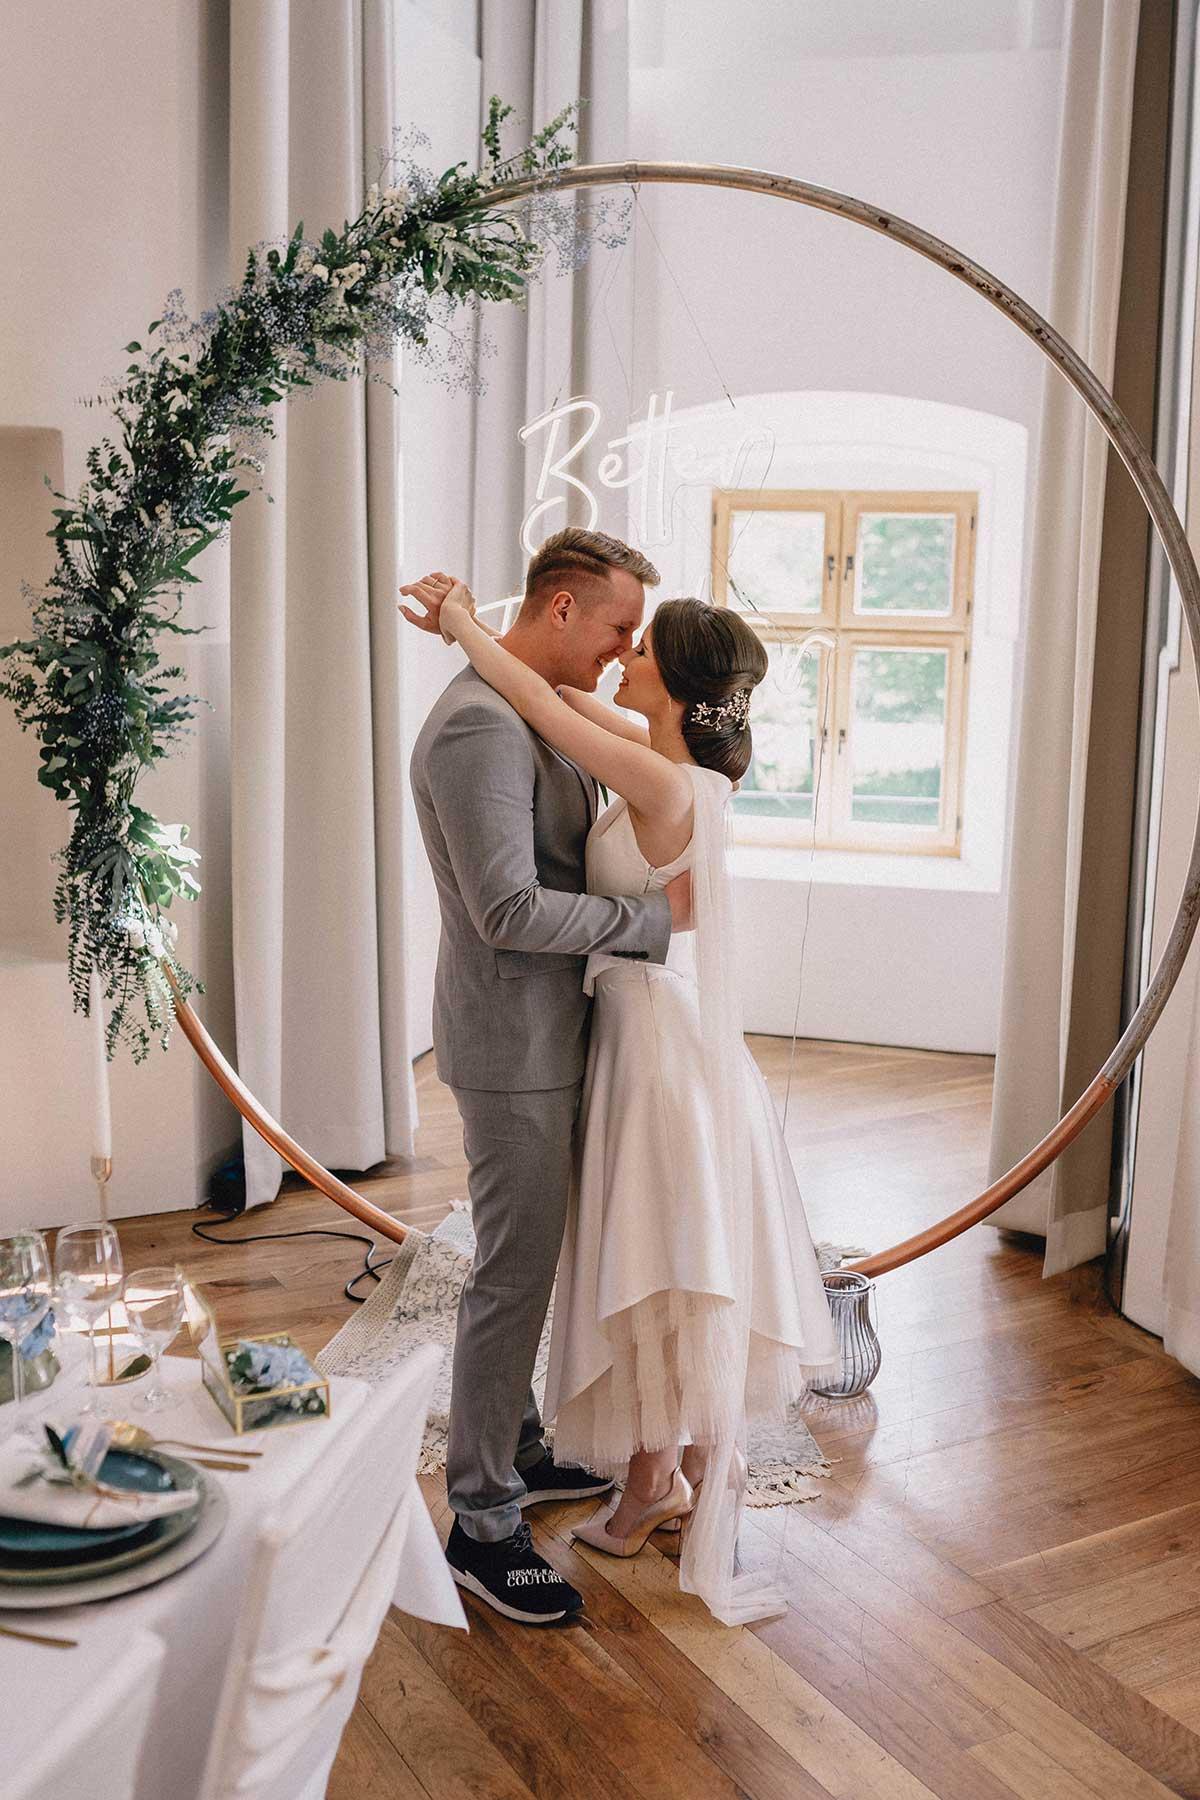 Braut und Bräutigam vor dem Traubogen mit Neon Letters